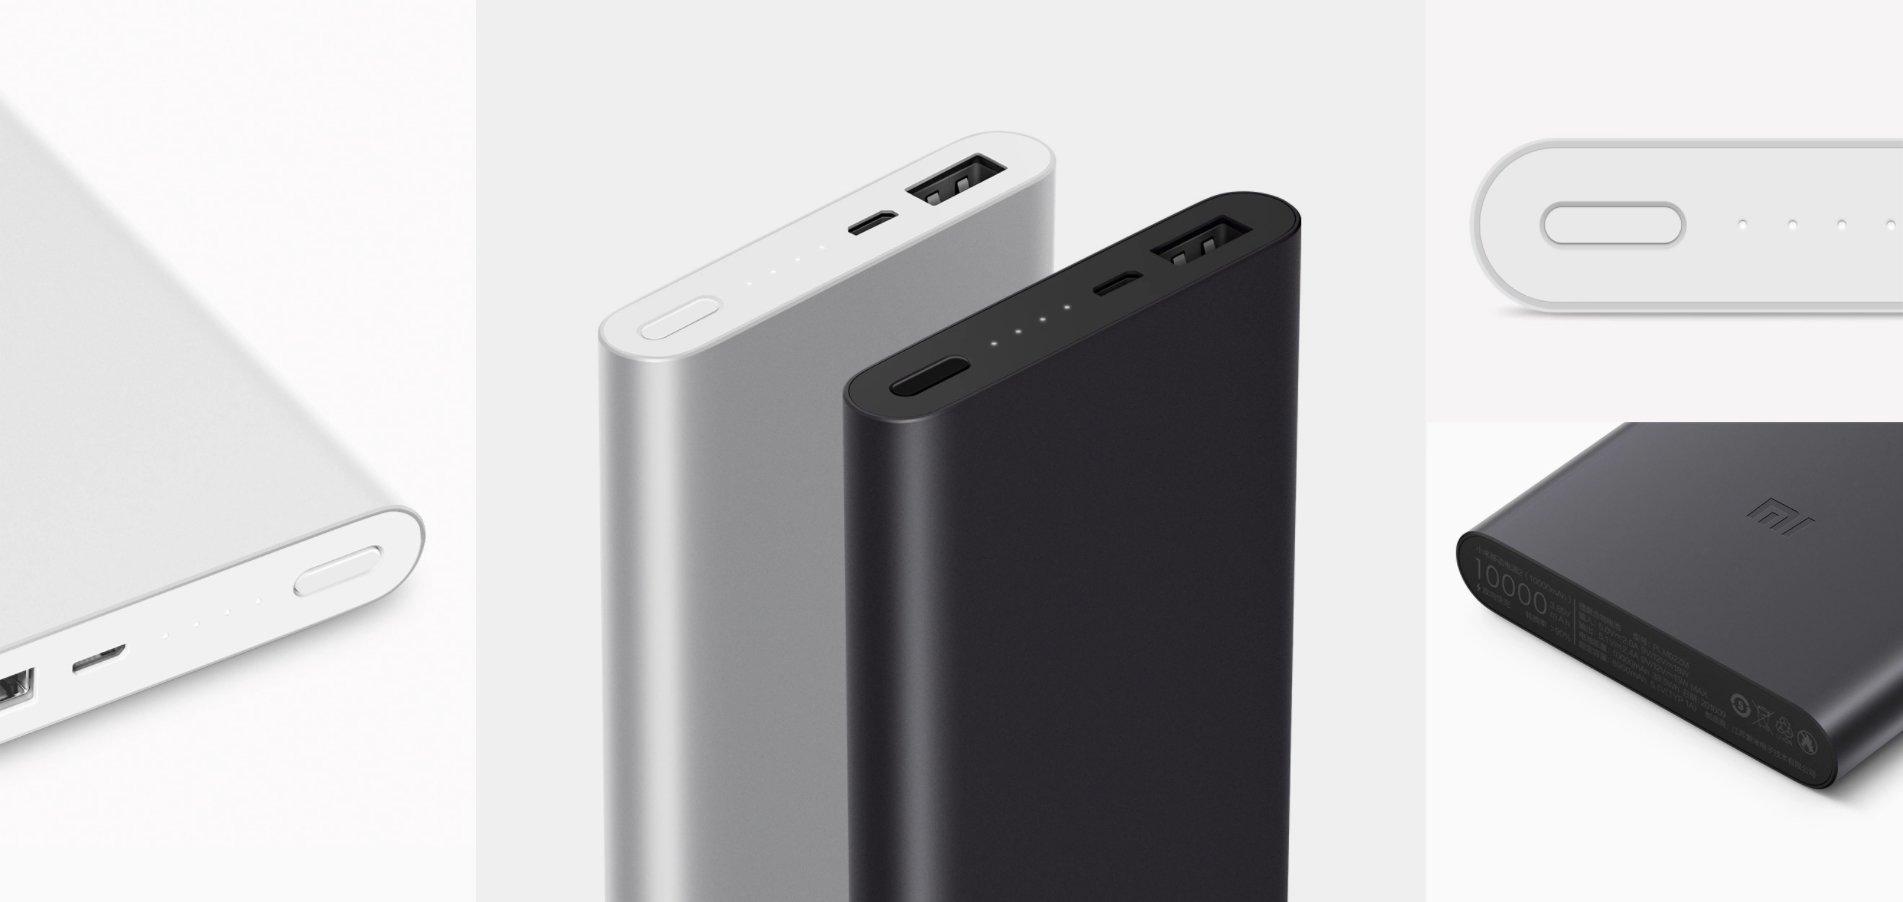 Tabletowo.pl Może to nie Honor 7C za złotówkę, ale powerbank Xiaomi 10000 mAh za 55 złotych też na pewno szybko się rozejdzie Akcesoria Promocje Xiaomi